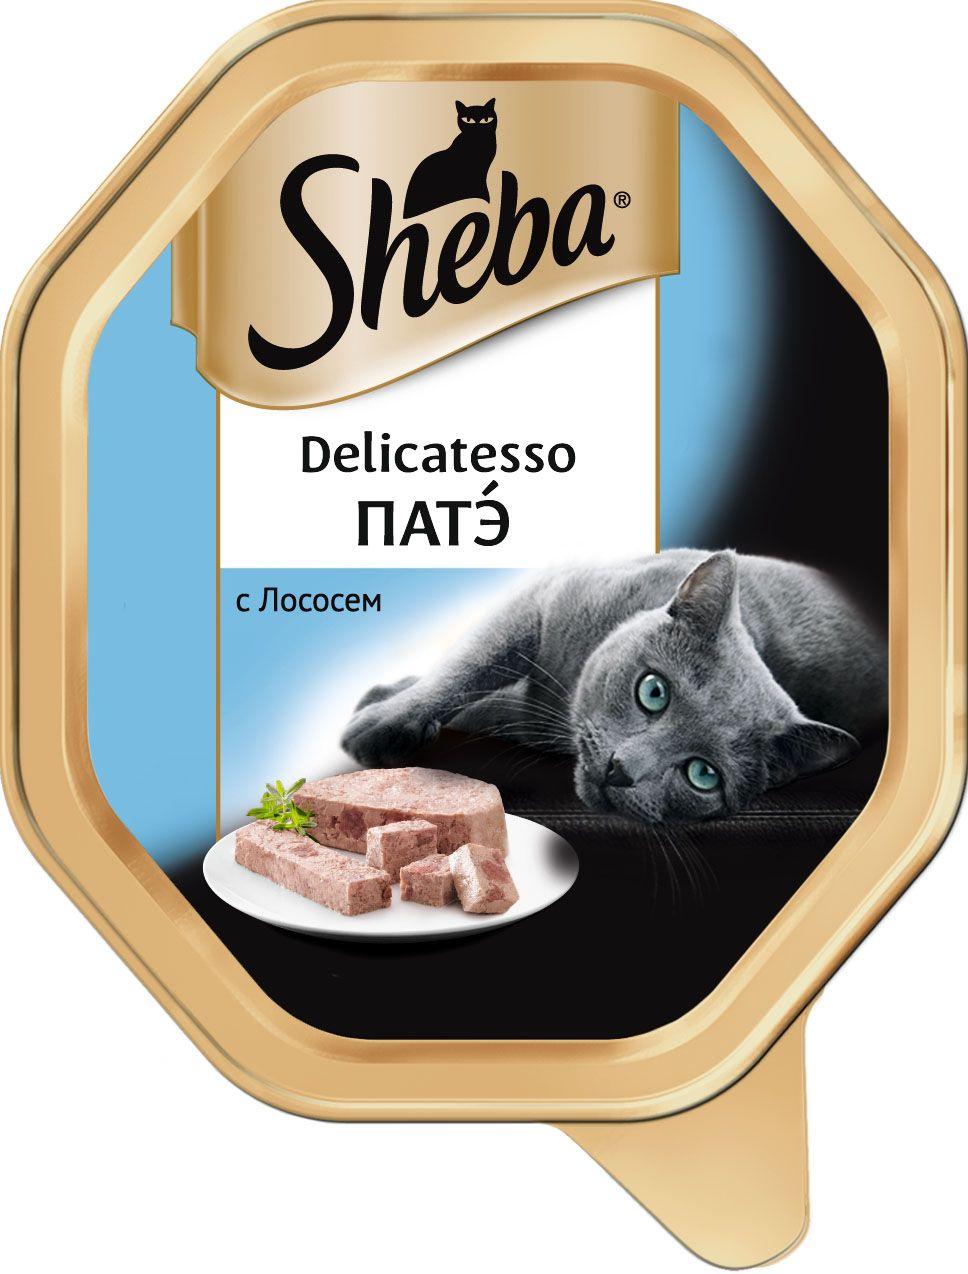 Корм консервированный Sheba Delicatesso, для взрослых кошек, от 1 года, патэ с лососем, 85 г80546Консервированный корм Sheba Delicatesso предназначен для взрослых кошек от 1 года. Насыщенный мясной вкус и необычное сочетание паштета и мясных ломтиков не оставит вашу любимицу равнодушной, а особая сервировка подчеркнет все богатство вкусаизысканного деликатеса! В состав корма входят мясо и мясные ингредиенты самого высокого качества (в том числе лосось), а также витамины, злаки, таурин и минеральные вещества. Каждый ломтик бережно обварен и полит нежным соусом. В составе нет сои, консервантов, искусственных красителей и усилителей вкуса.Товар сертифицирован.